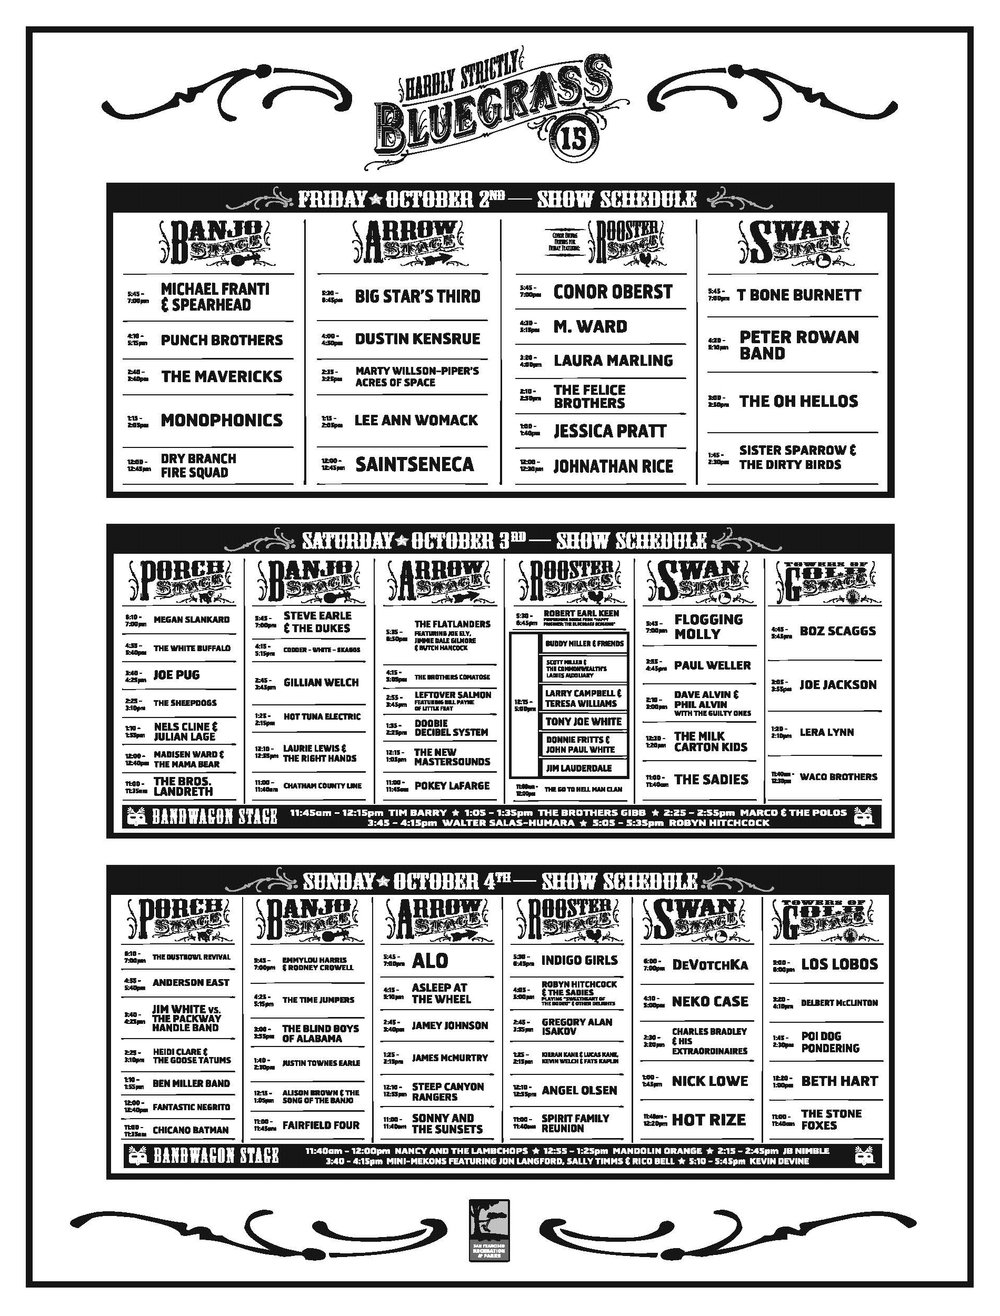 HSB schedule 2015